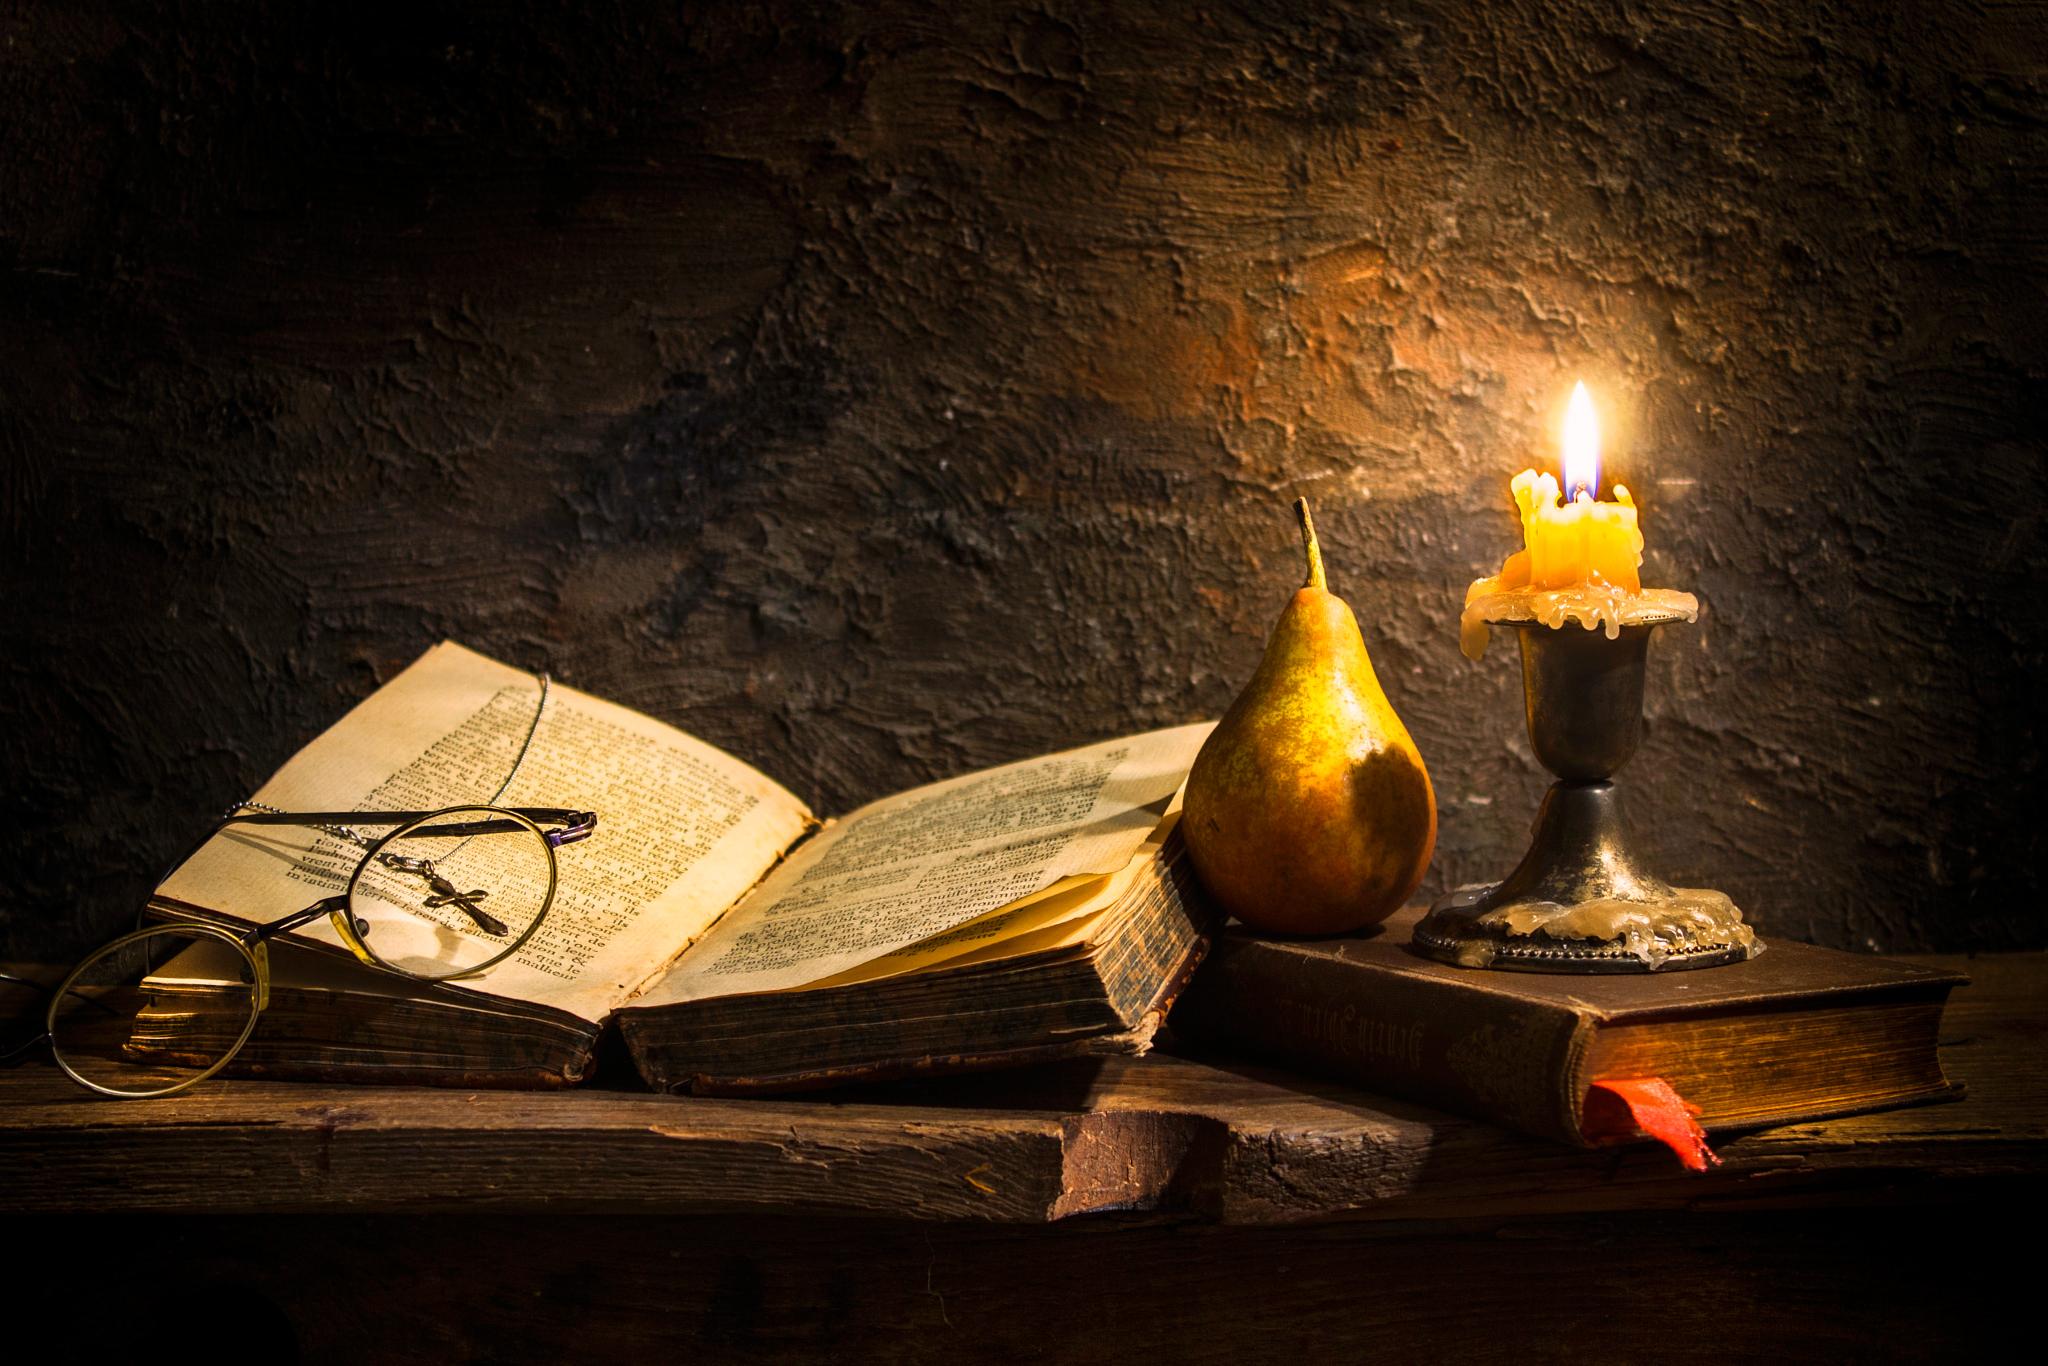 Замечательно картинки, свеча книга открытка